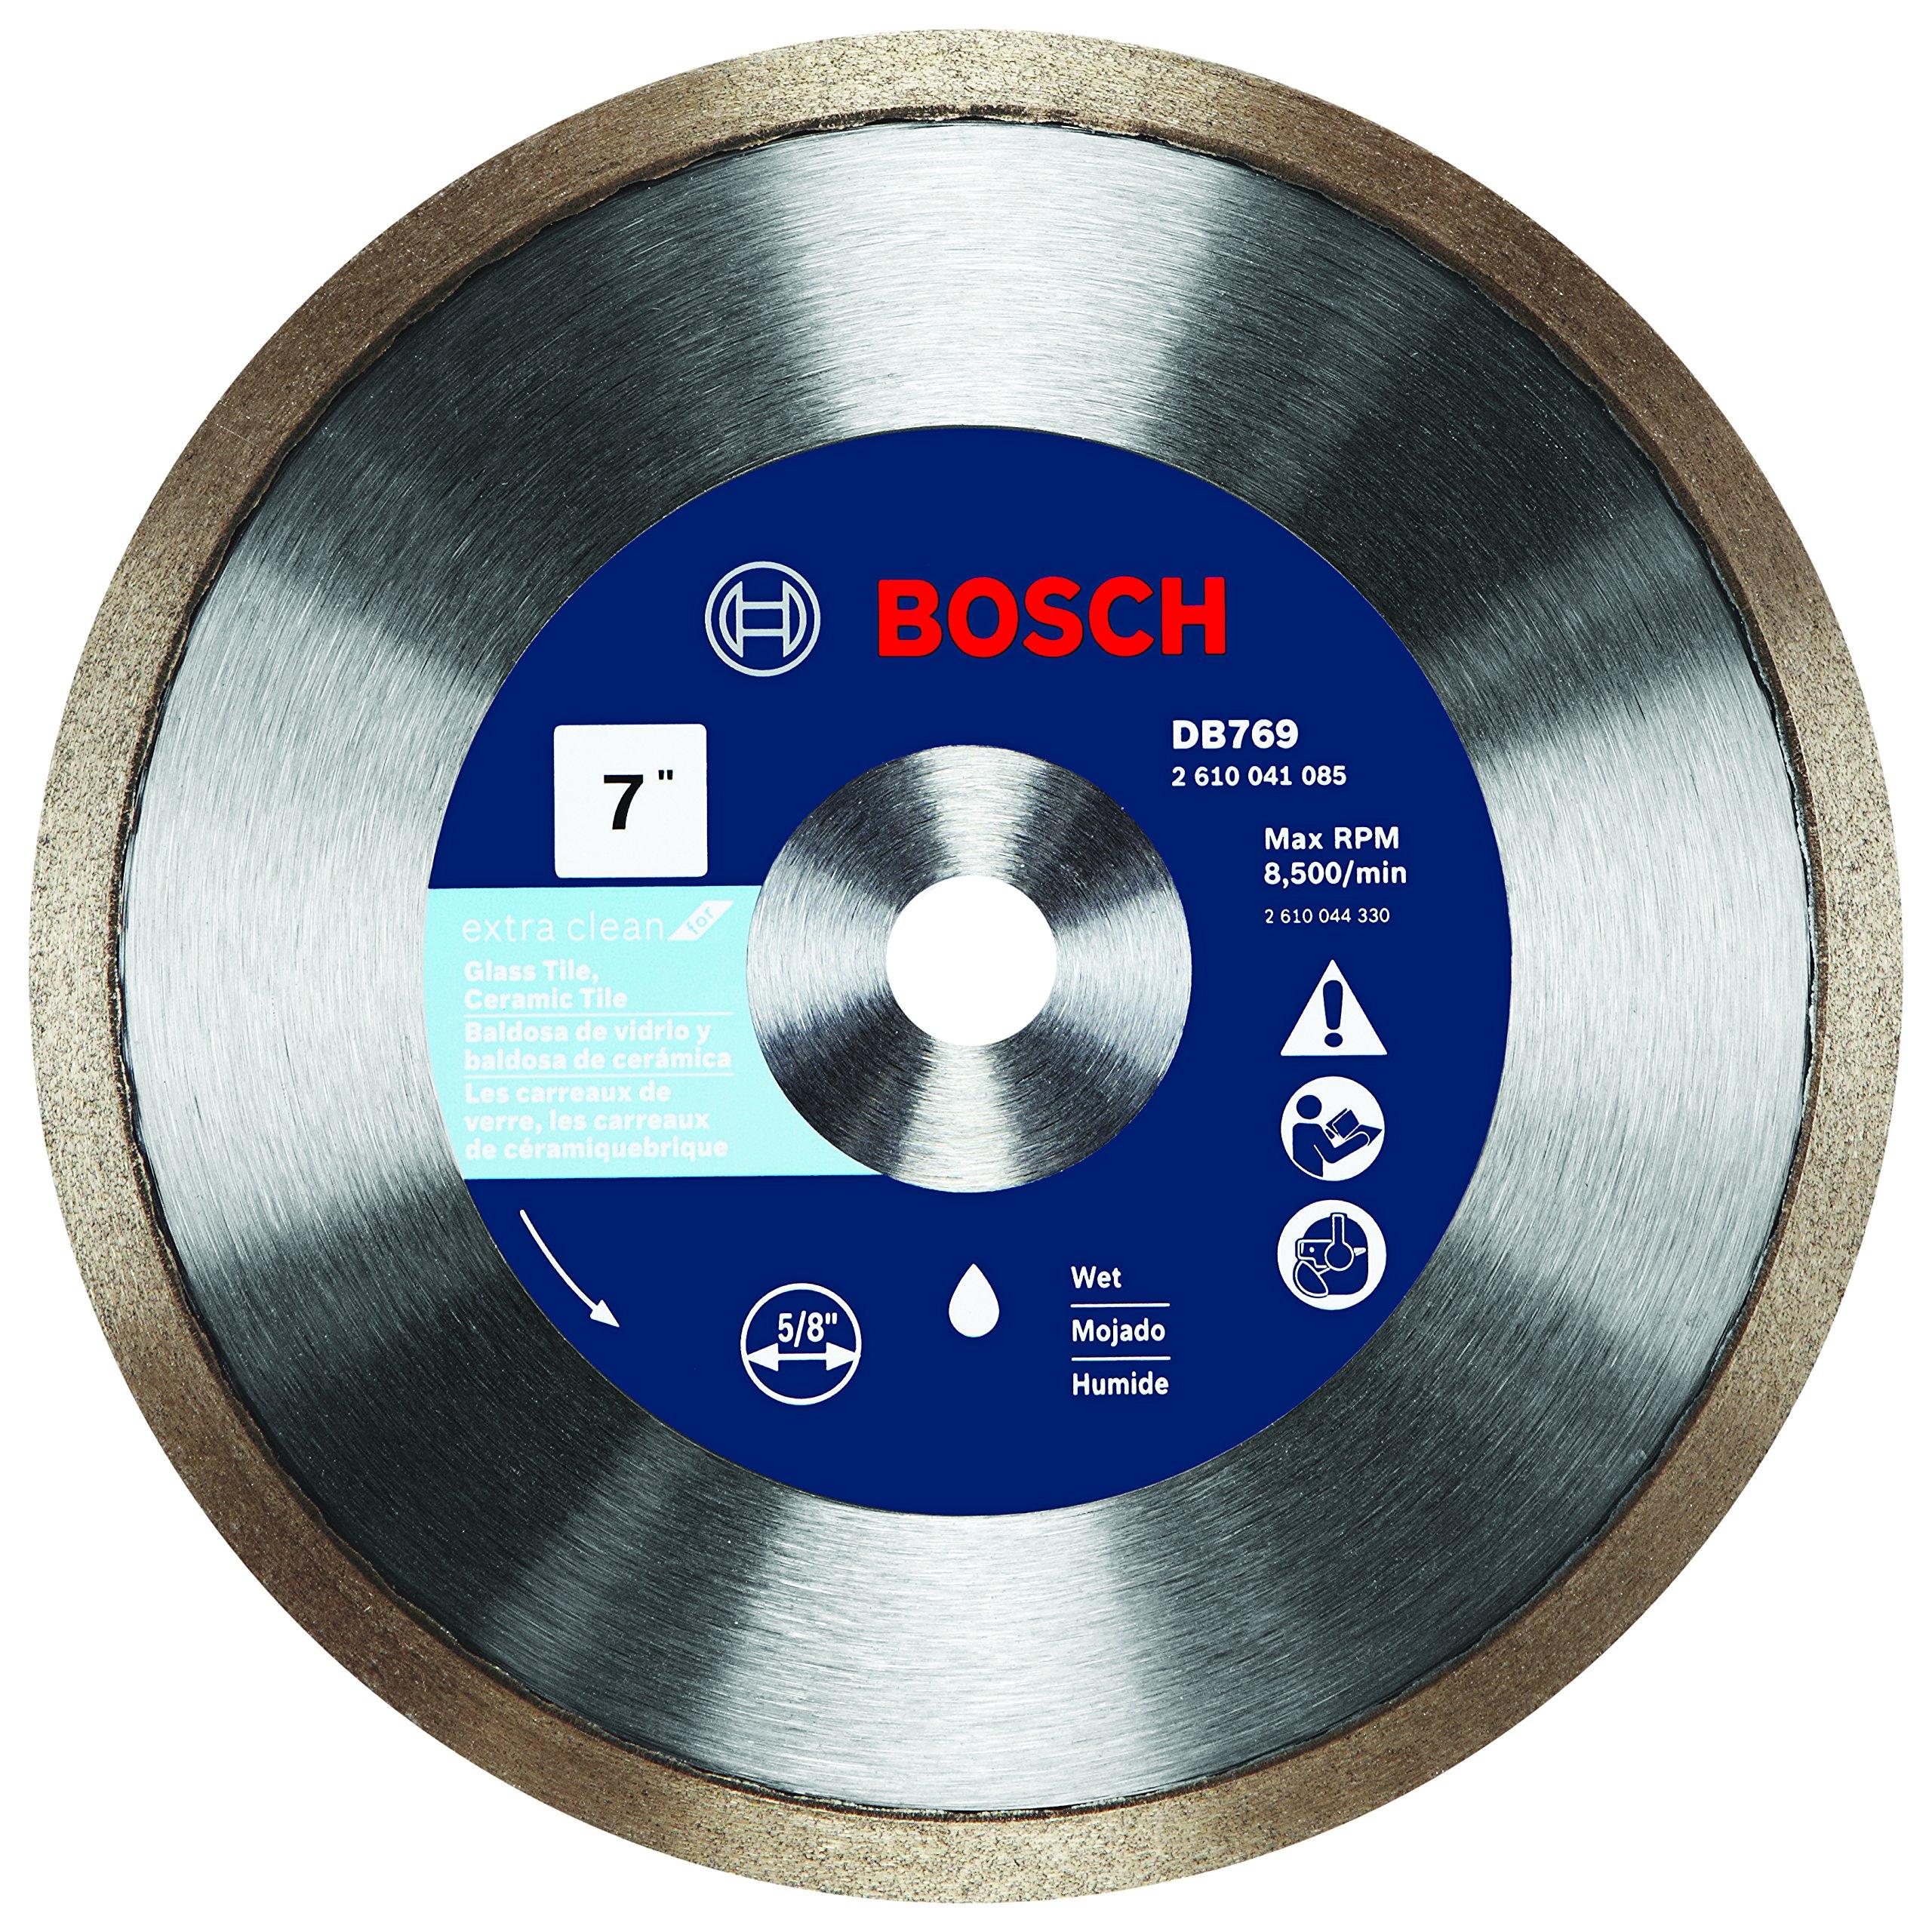 Disco De Diamante Bosch Db769 7 Pulg. De Borde Continuo Premium Rapido Para Azulejos De Vidrio